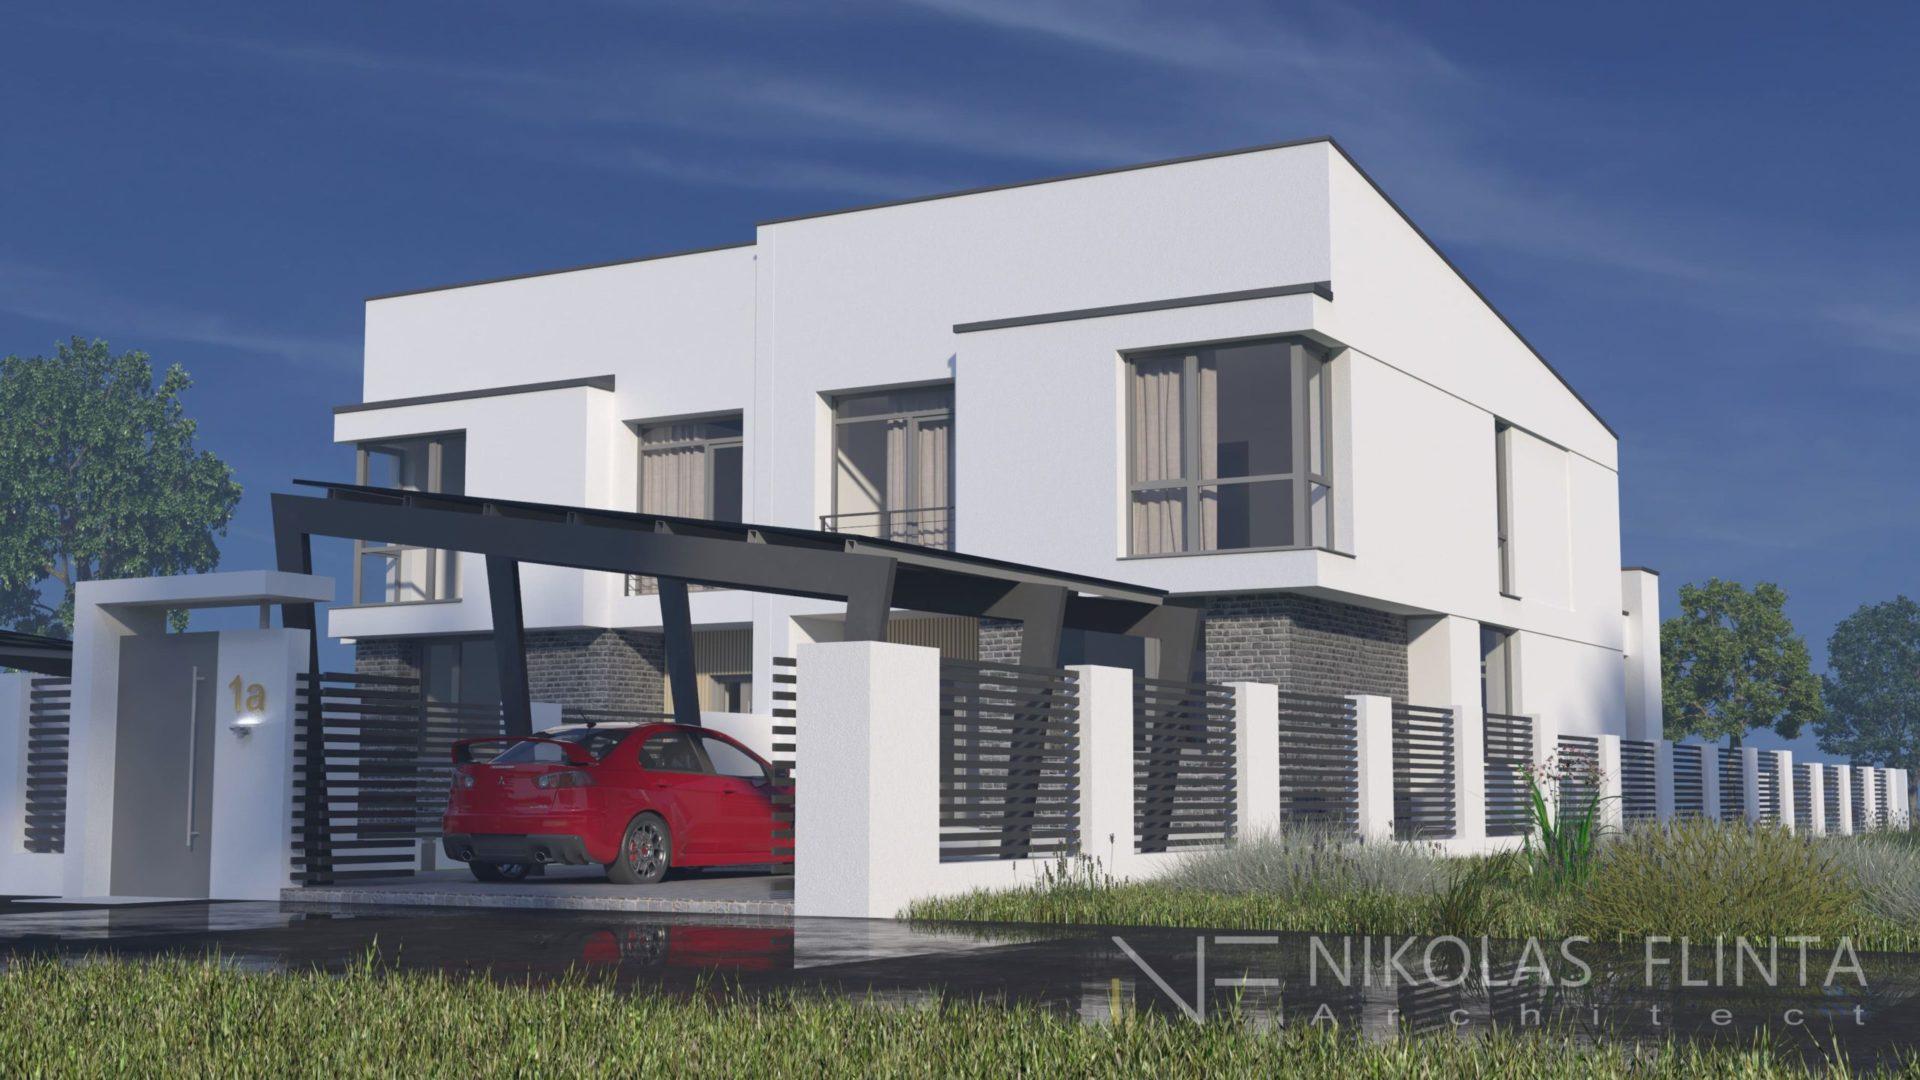 House-02SI_01-1-scaled.jpg